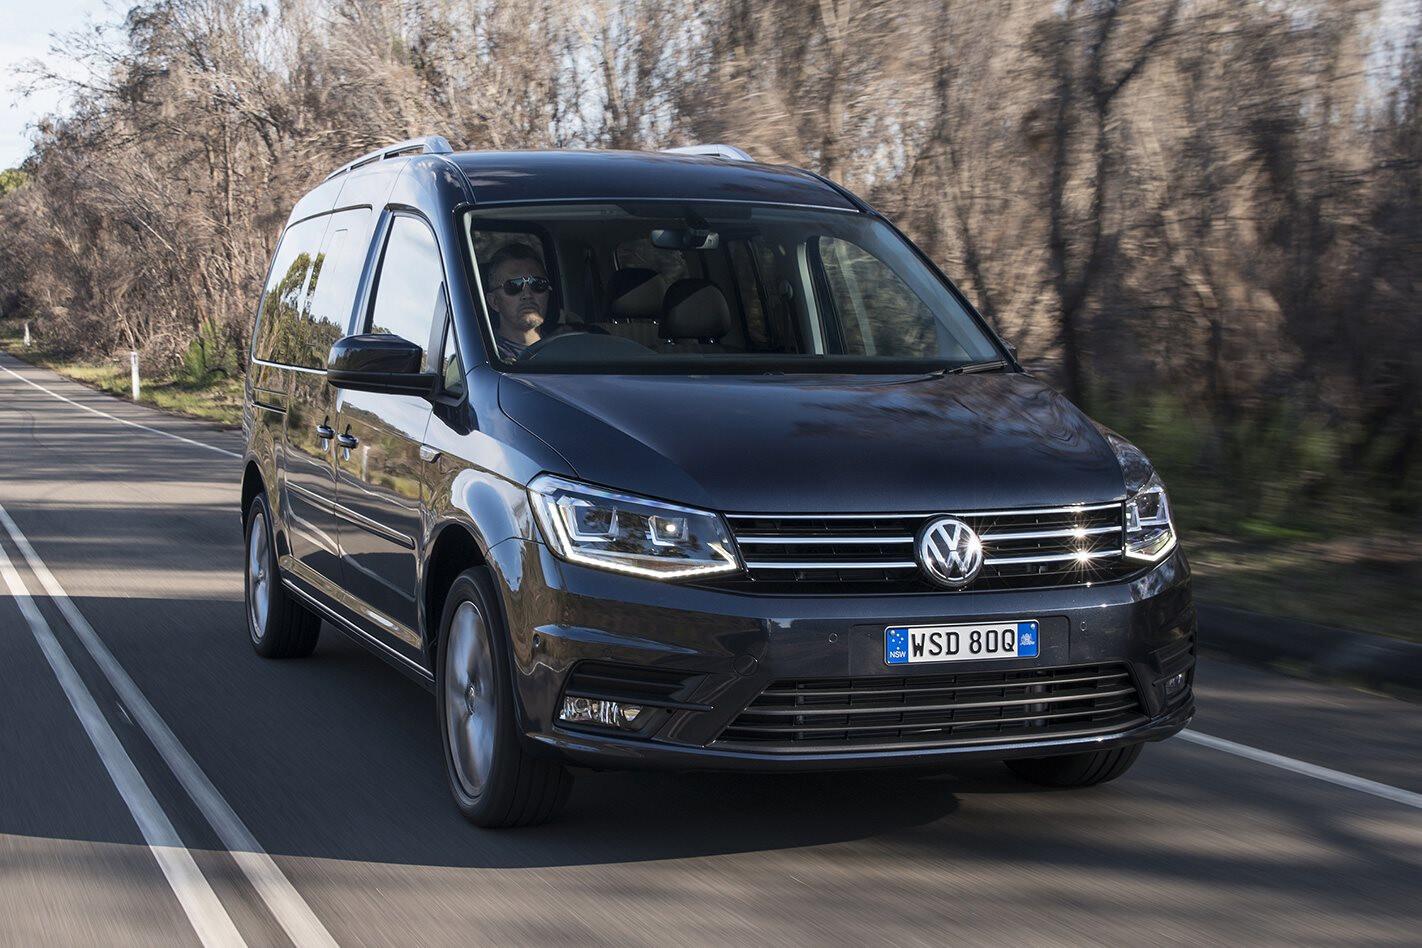 2016 Volkswagen C4 Caddy review